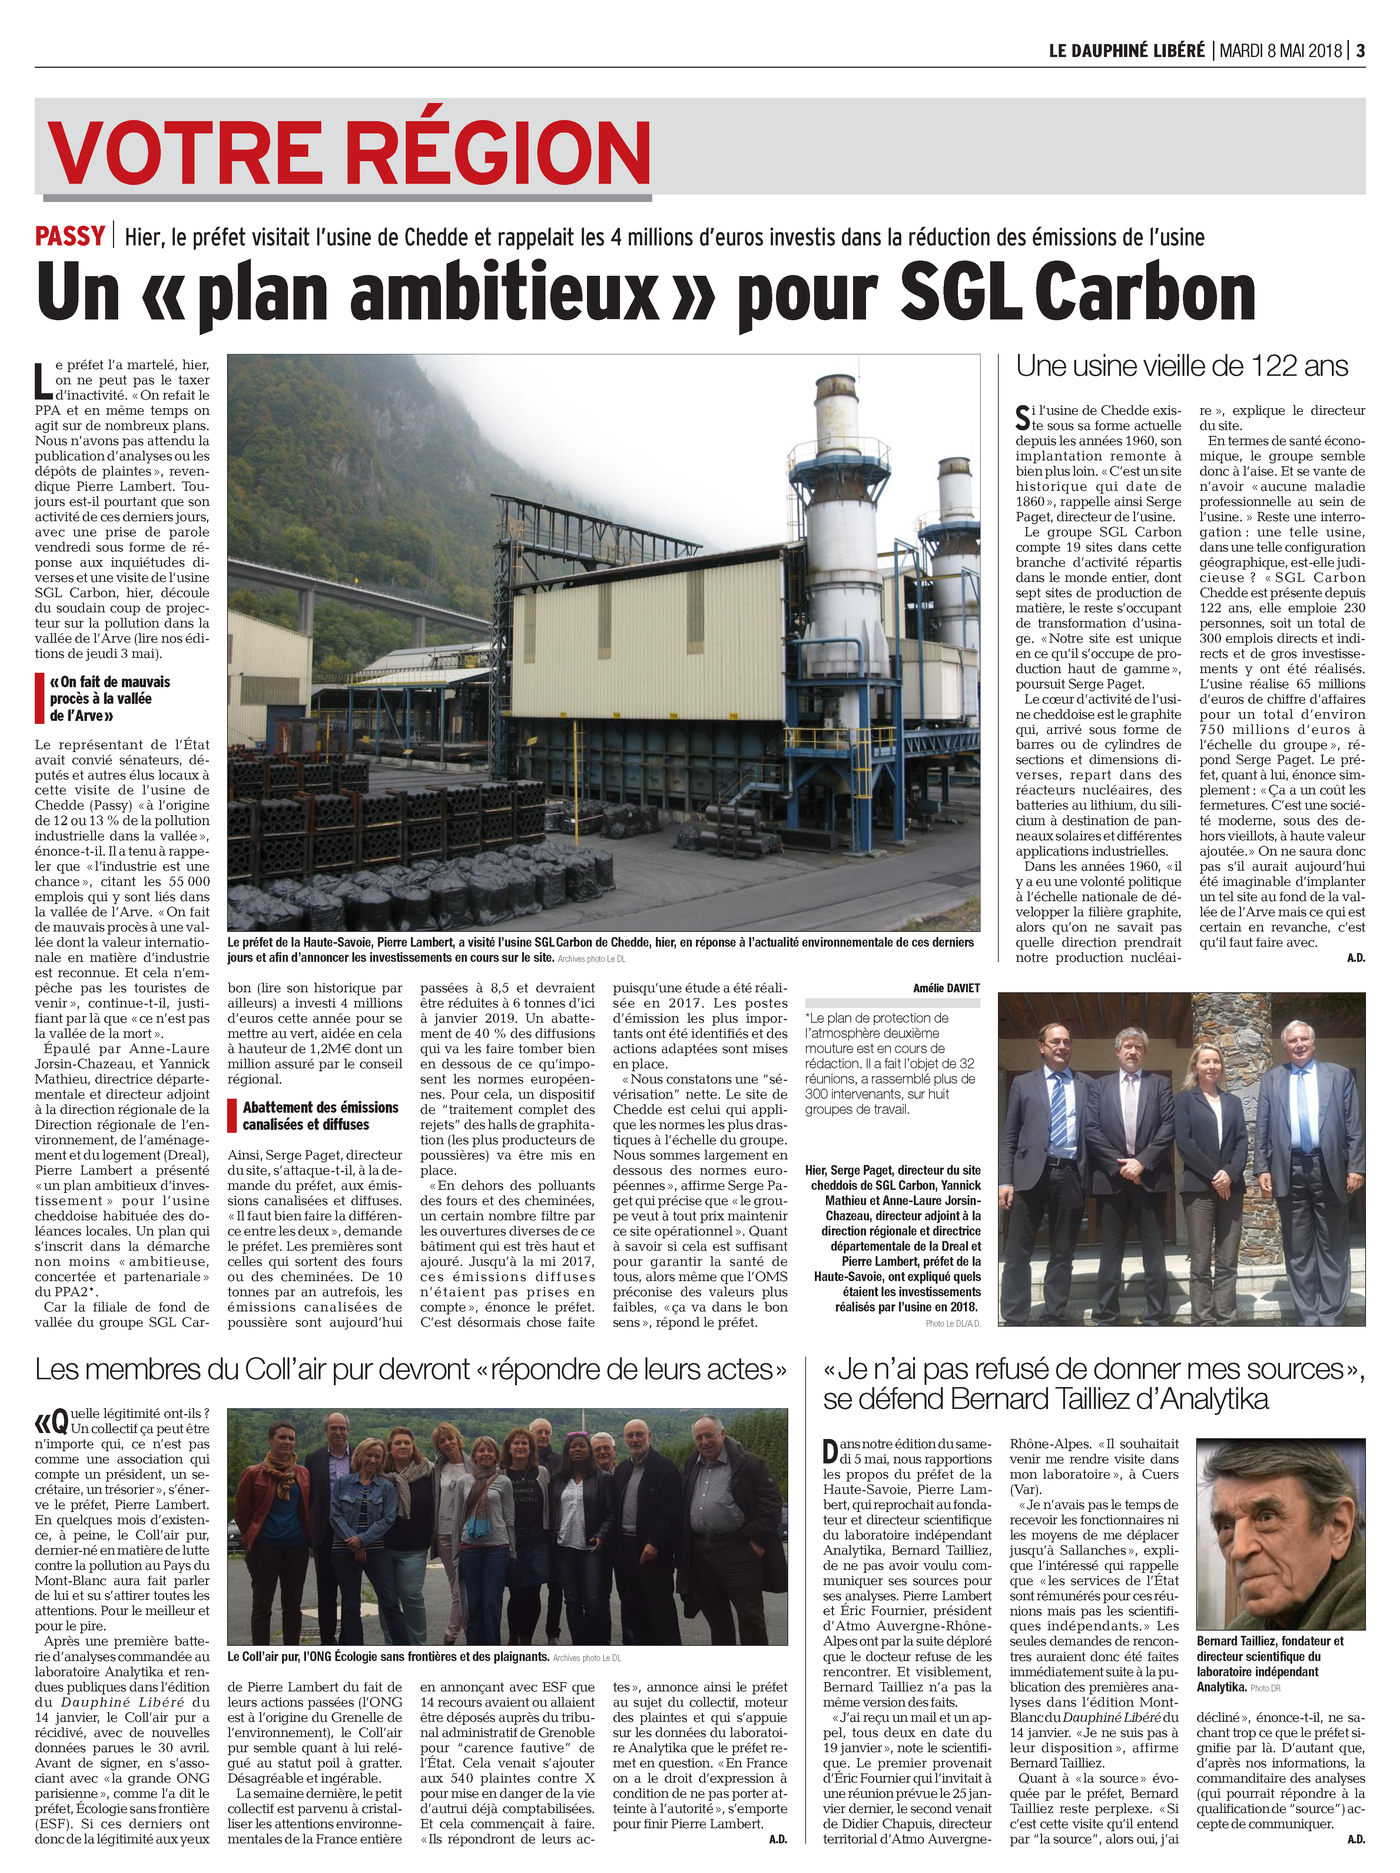 """08.05.2018 > LE DAUPHINÉ LIBÉRÉ : """"Un « plan ambitieux » pour SGL Carbon"""""""